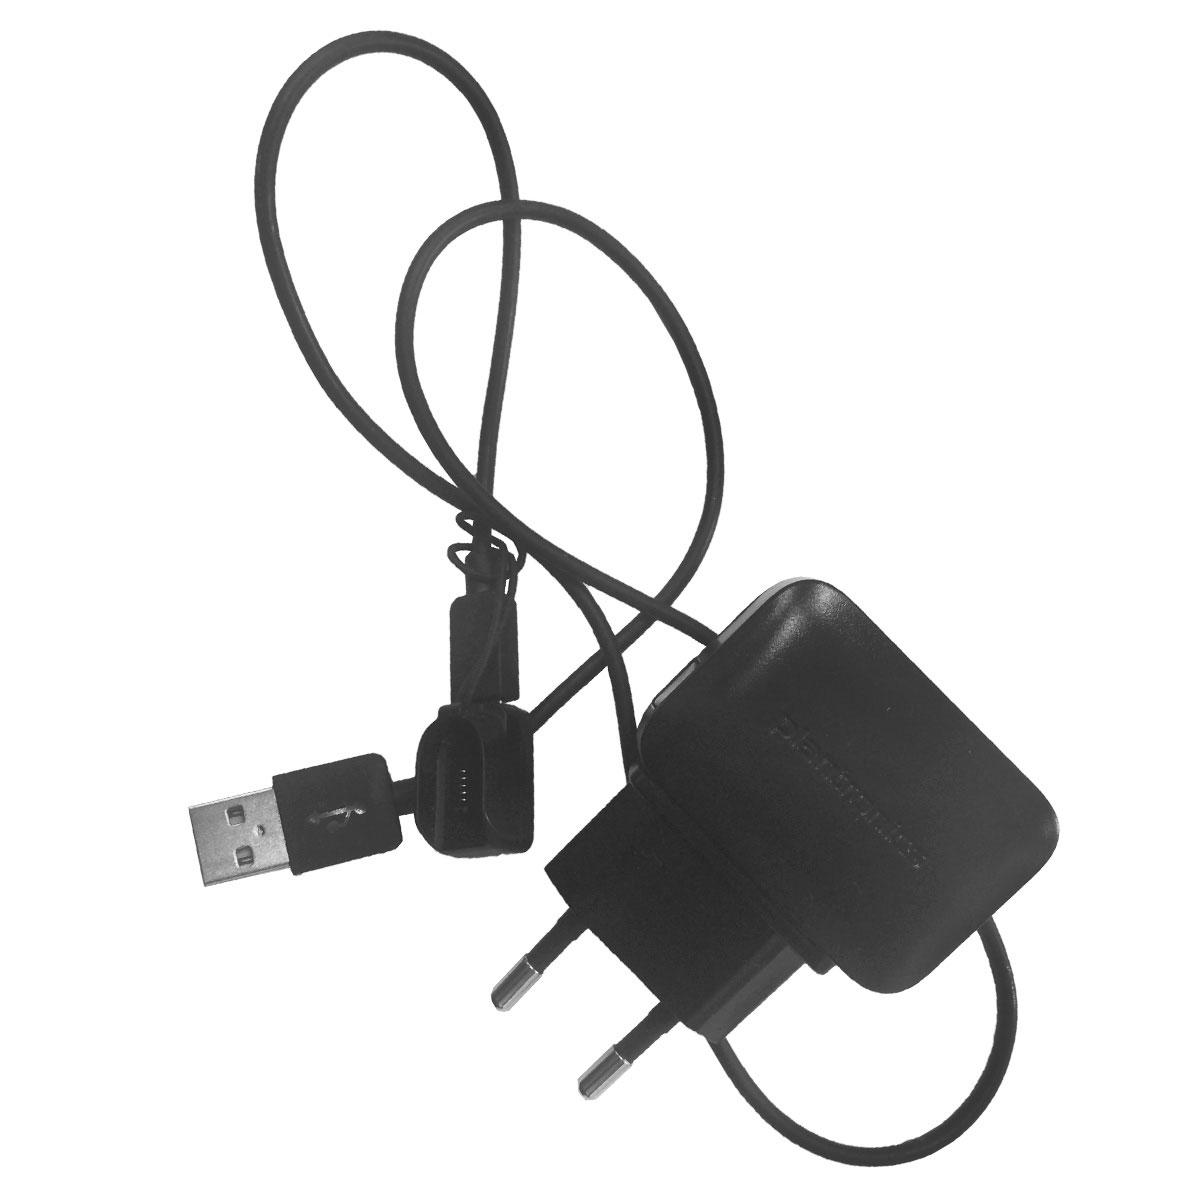 Plantronics зарядное устройство для Voyager Legend, Black (87399)